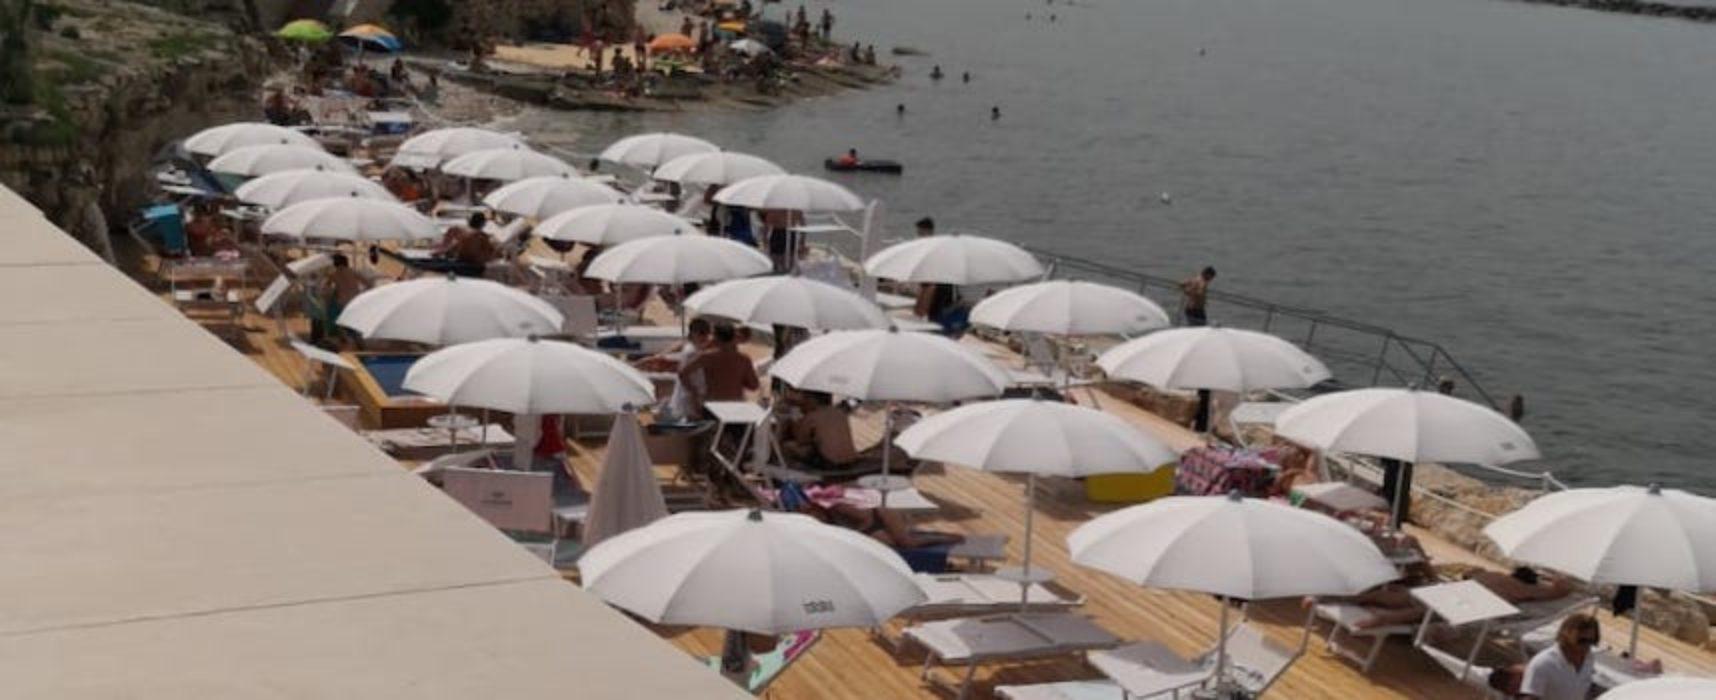 """La Salata, Napoletano: """"Superficie occupata da ombrelloni e lettini, evidente violazione bando"""""""